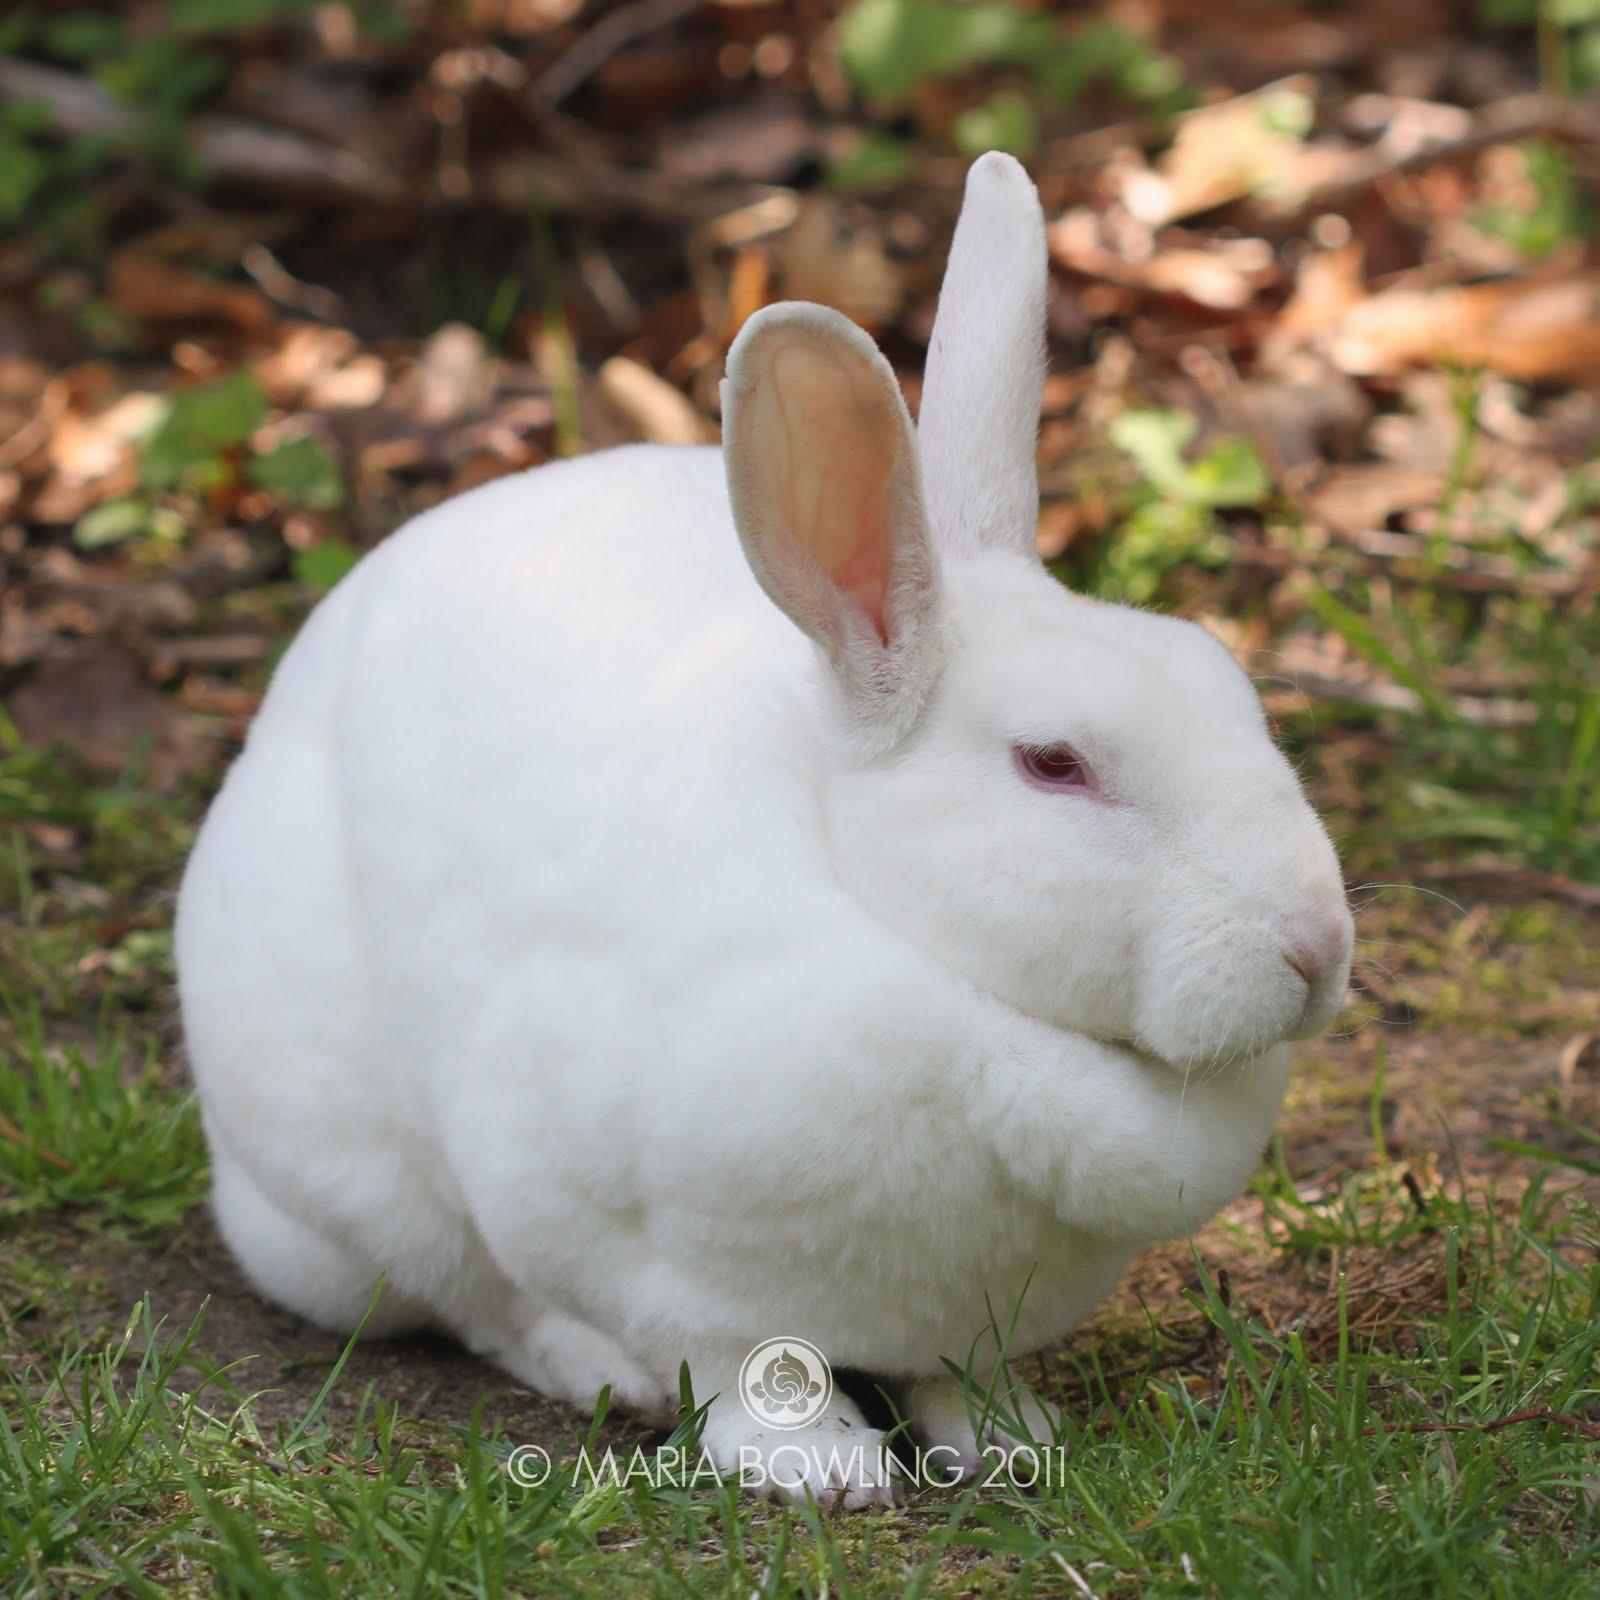 Pretty Medicine : Lilacs and the Magic Rabbit